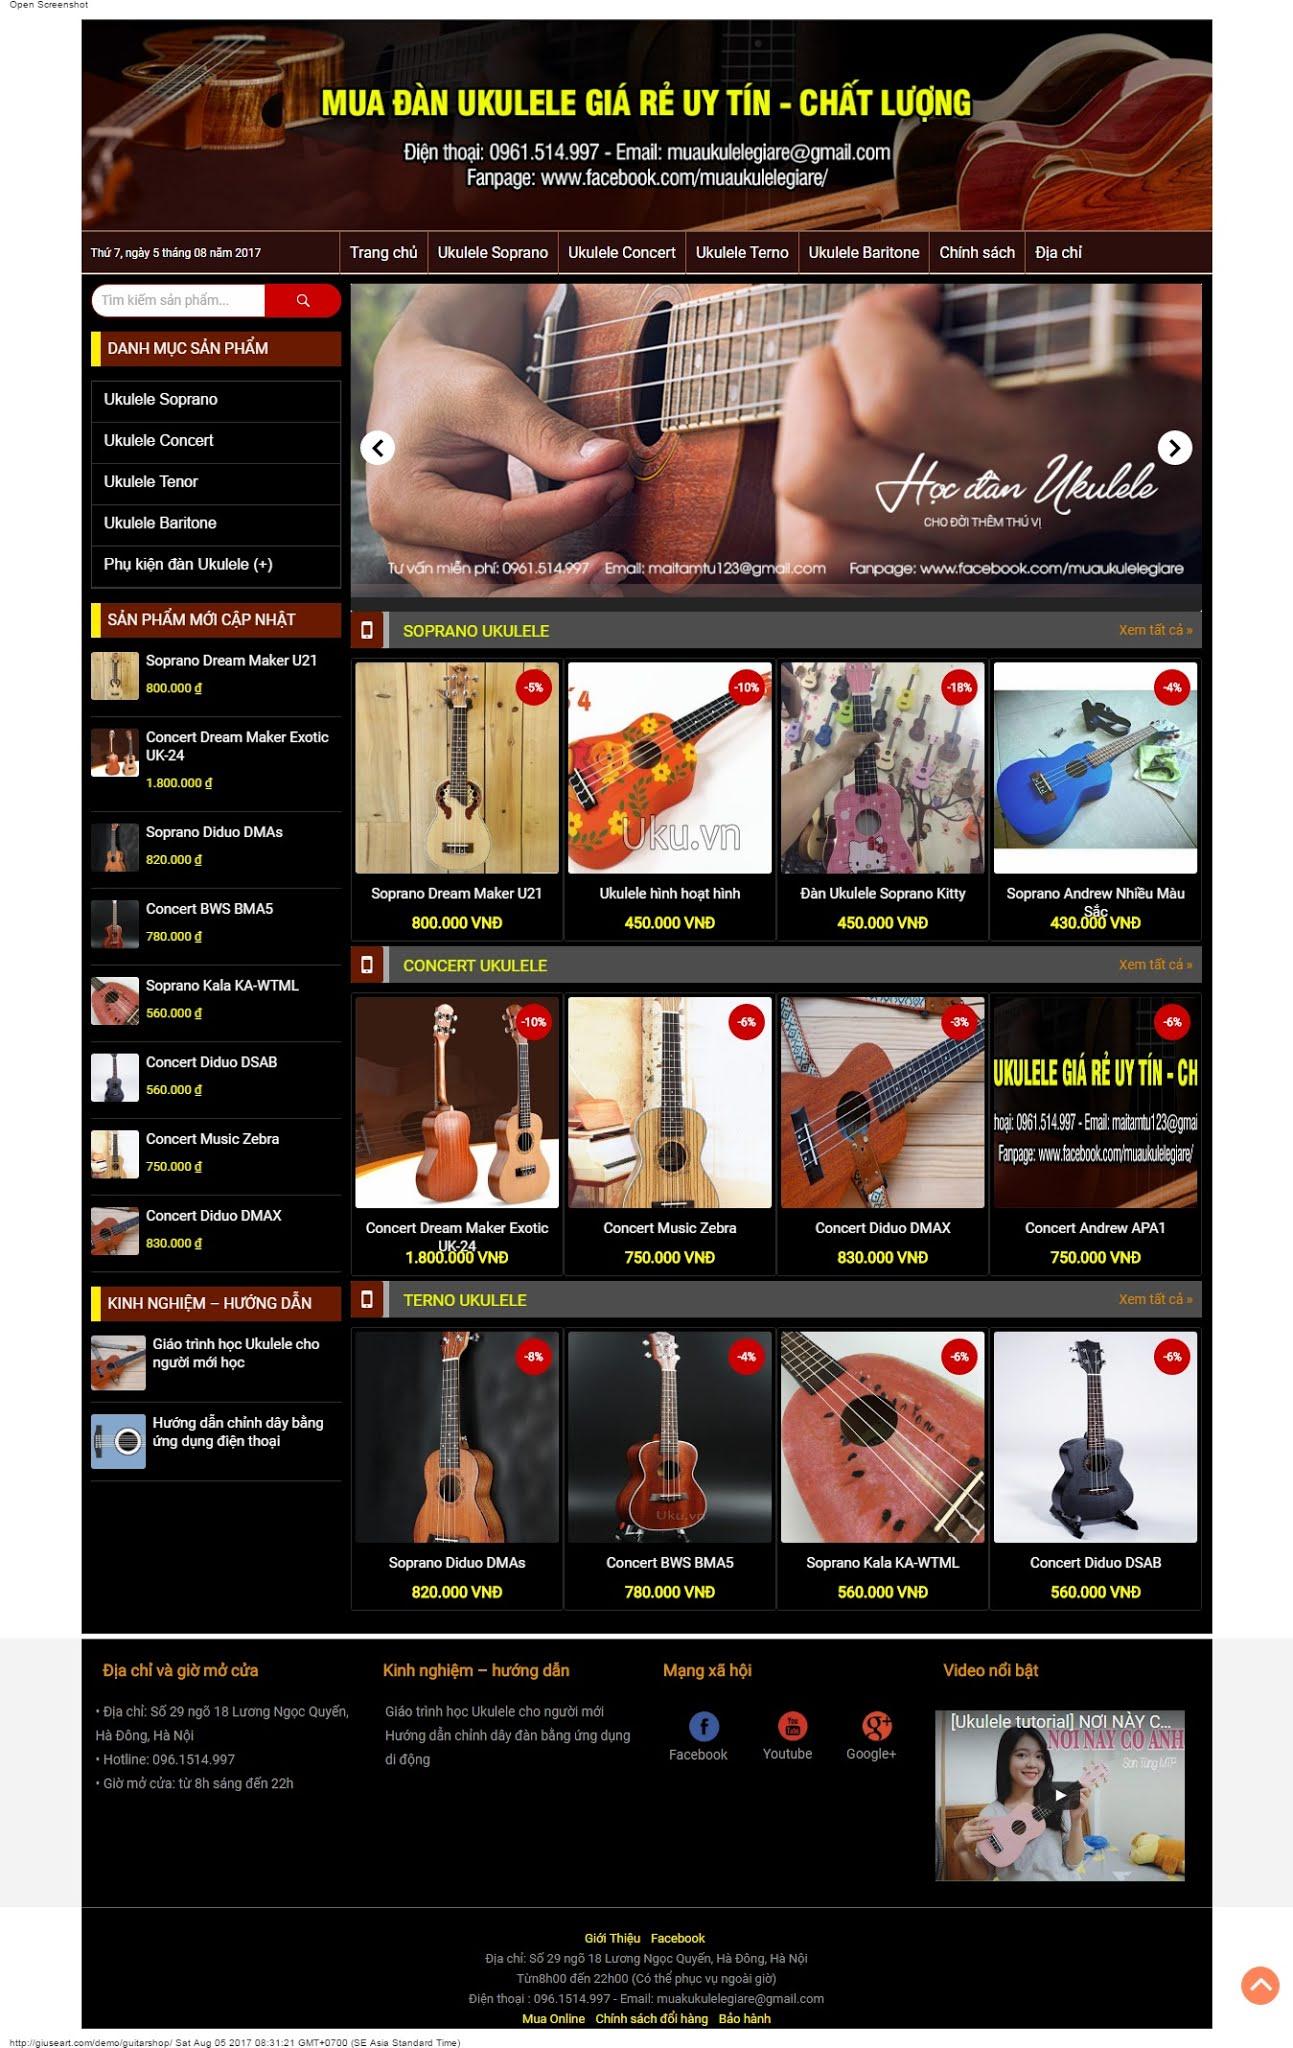 MẪU BÁN HÀNG 048 - đàn guitar